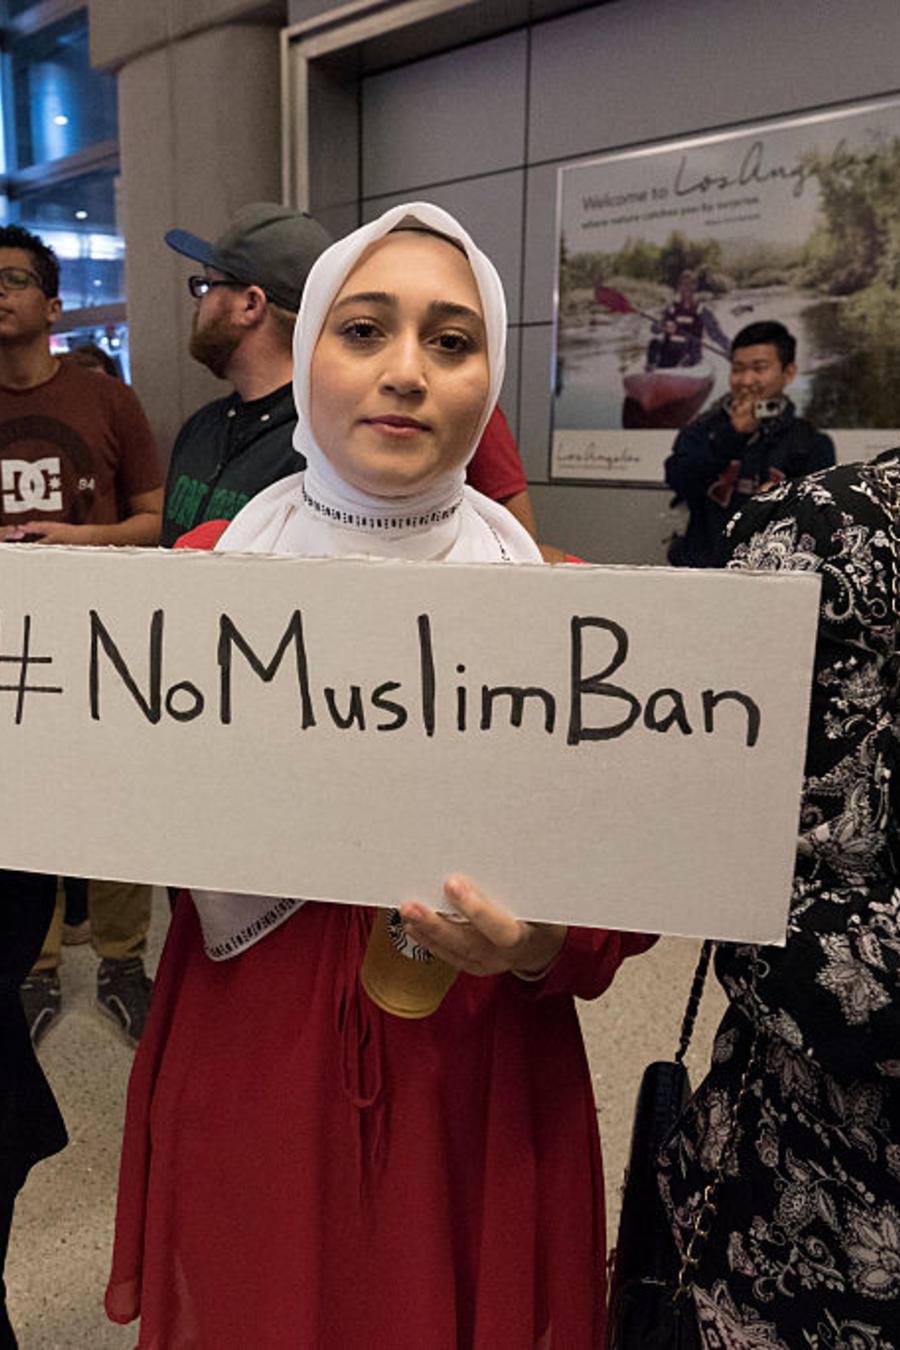 Manifestantes protestan en el Aeropuerto Internacional de Los Ángeles en enero de 2017 tras orden ejecutiva en la que Trump prohibió la entrada a EE.UU. de varios países de fe musulmana.